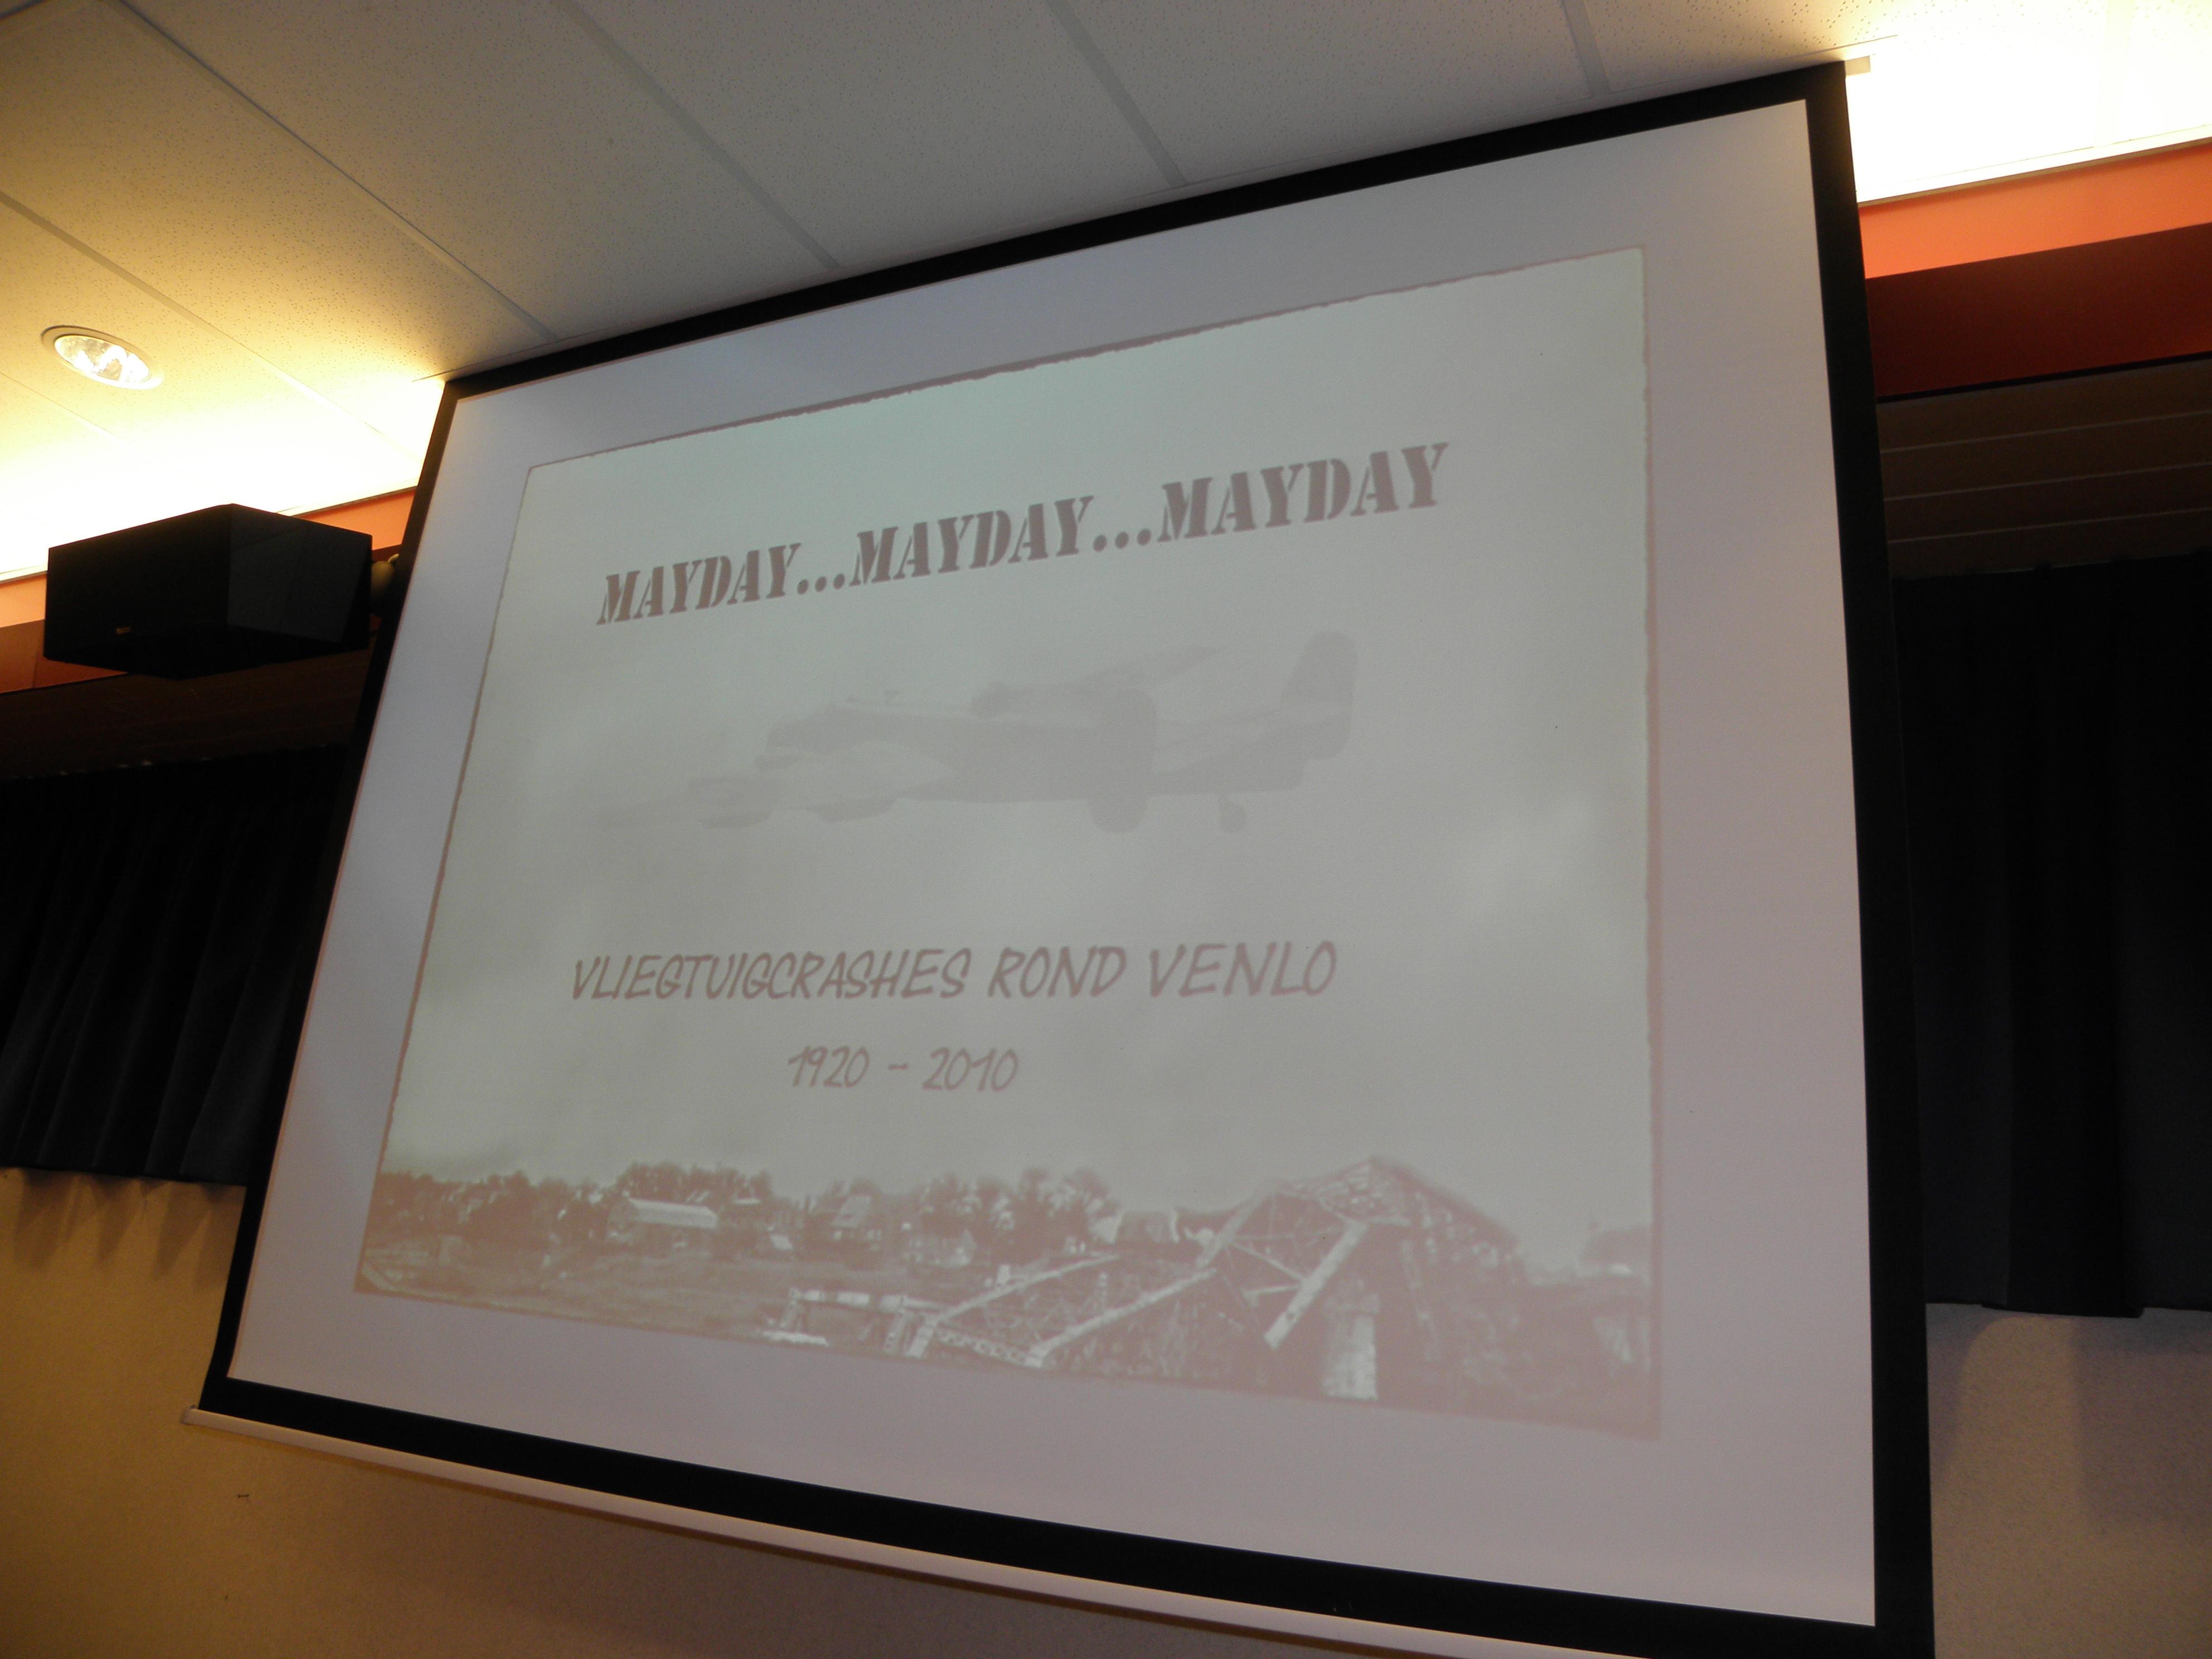 """Gedurende een korte presentatie mocht voorzitter Ivo de Jong het eerste exemplaar van Hub Groenevelds """"Mayday..Mayday..Mayday"""" in ontvangst nemen, een product van de uitgeverij van Aad Neeven en Harm van der Laan. (SGLO – @W. Buising)"""